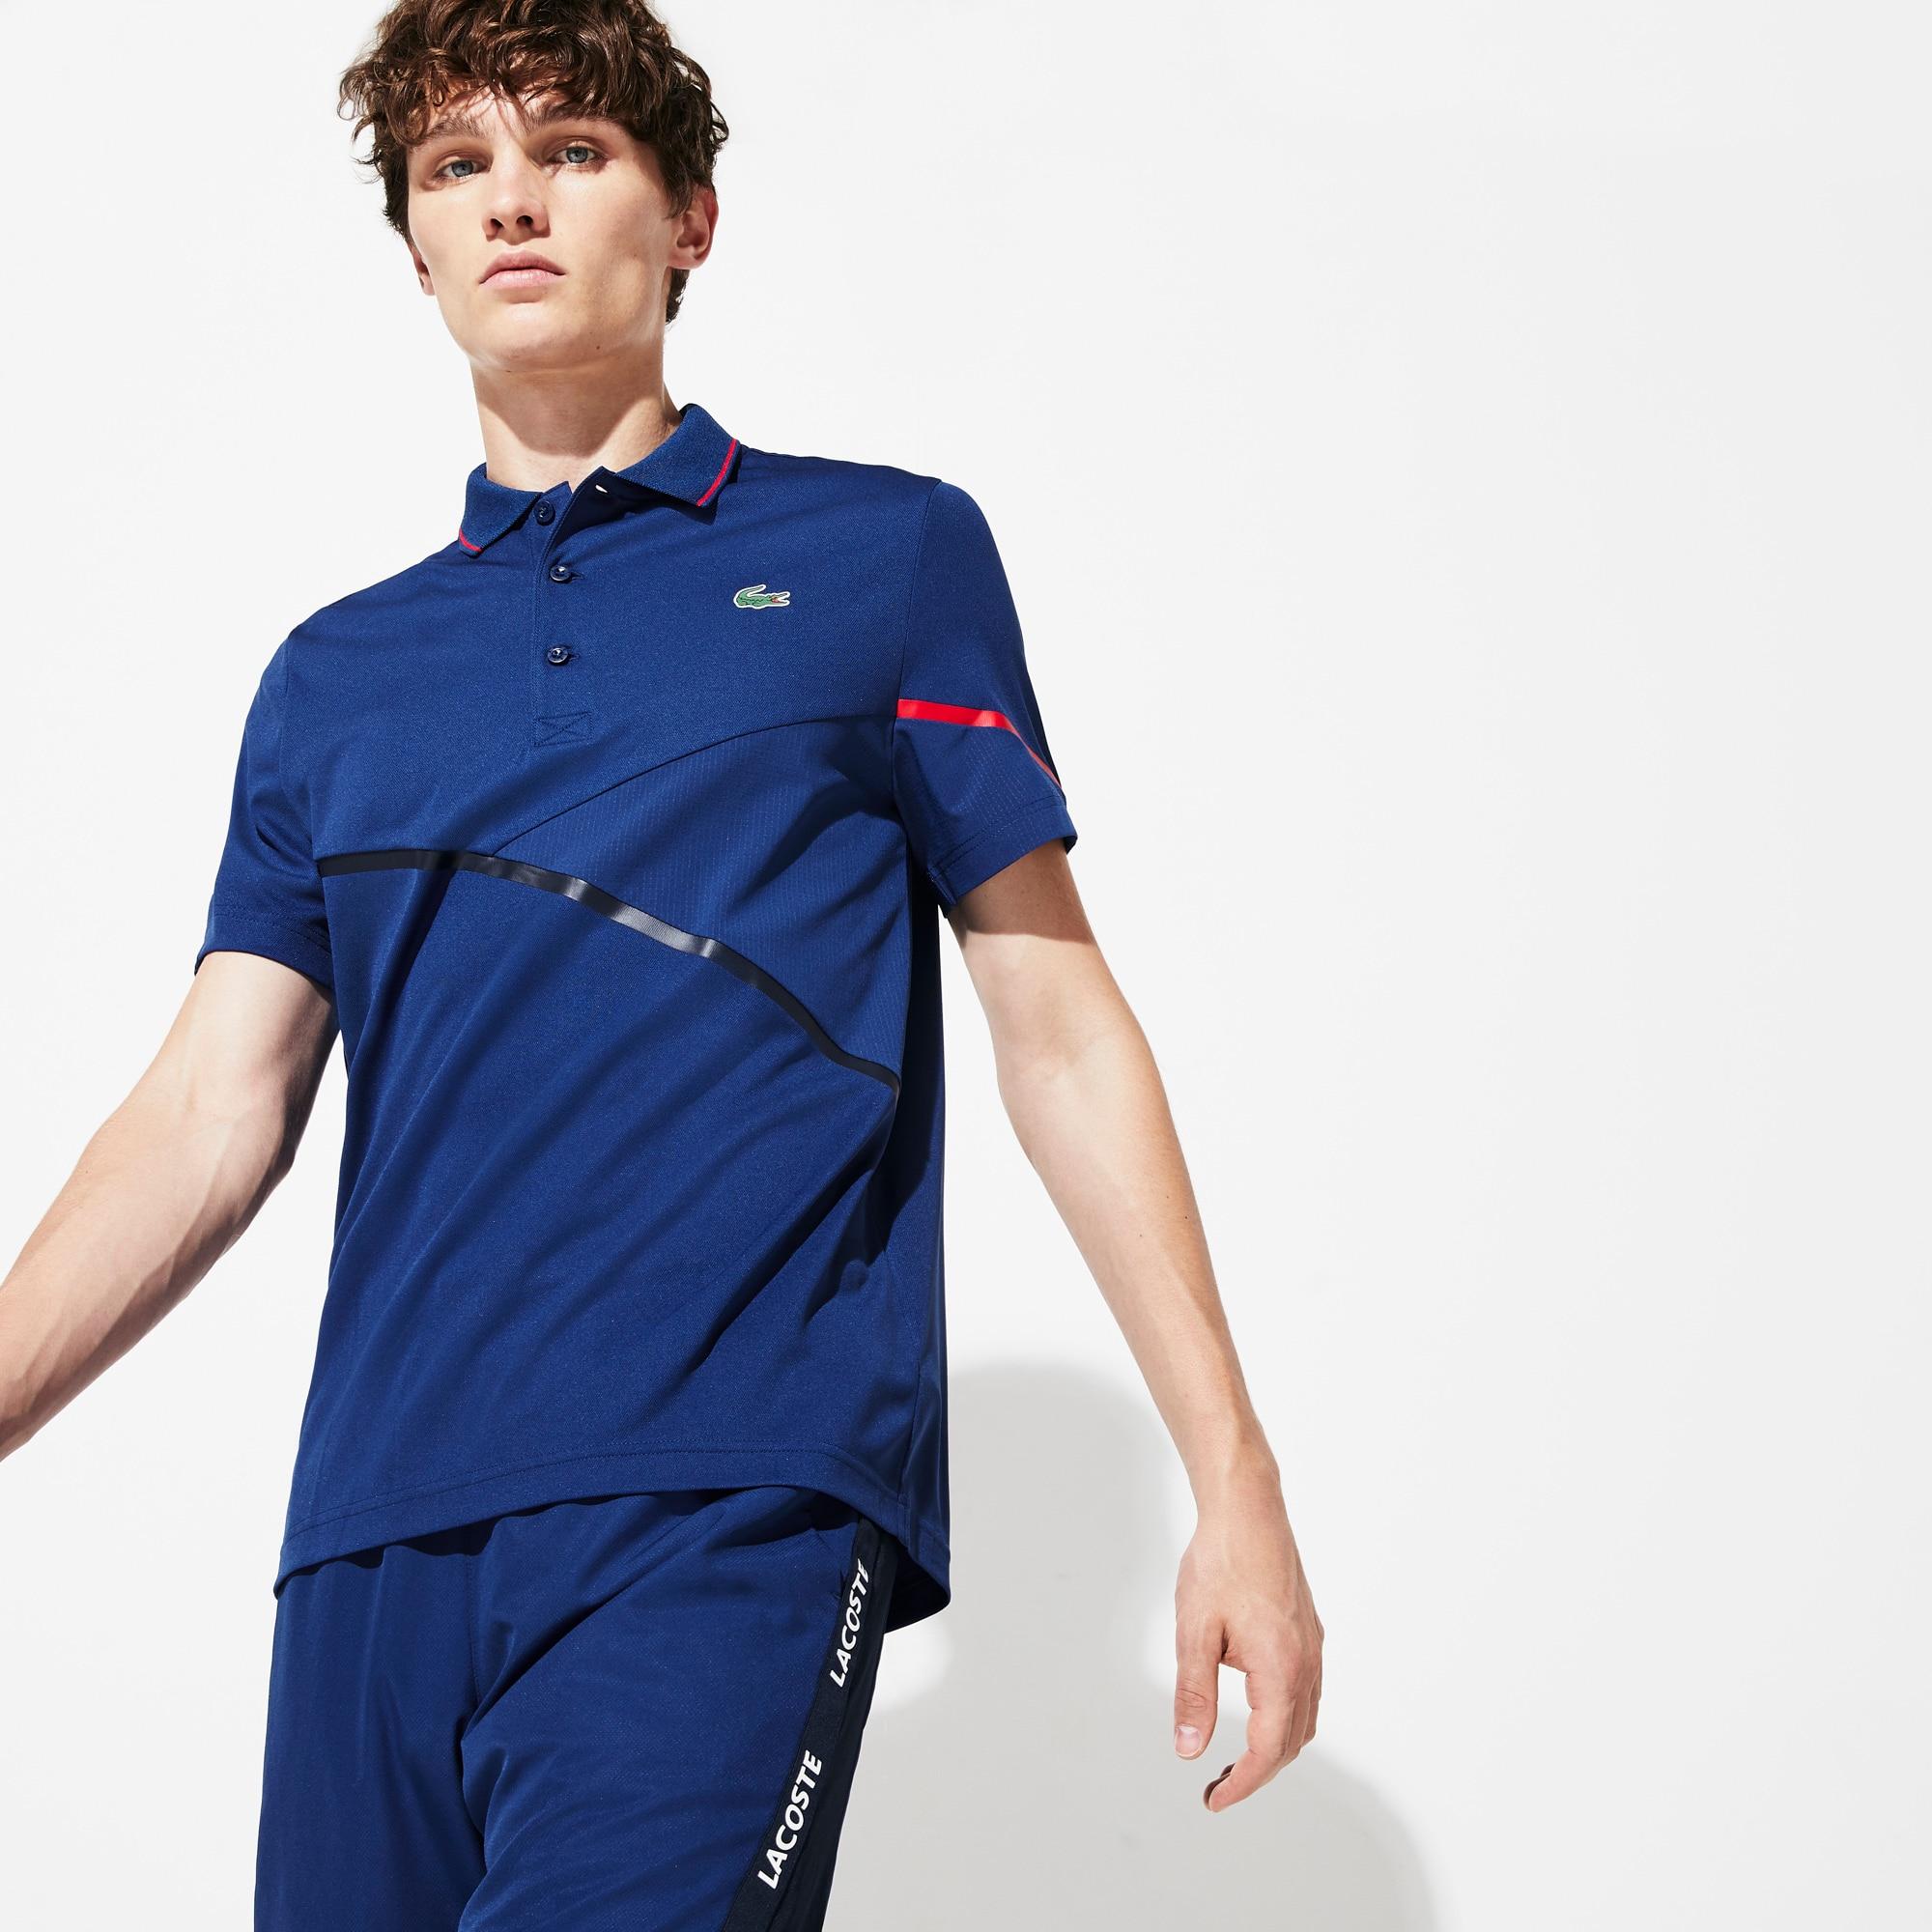 라코스테 Lacoste Mens SPORT Mesh-Paneled Pique Tennis Polo,Navy Blue / Red - 2FQ